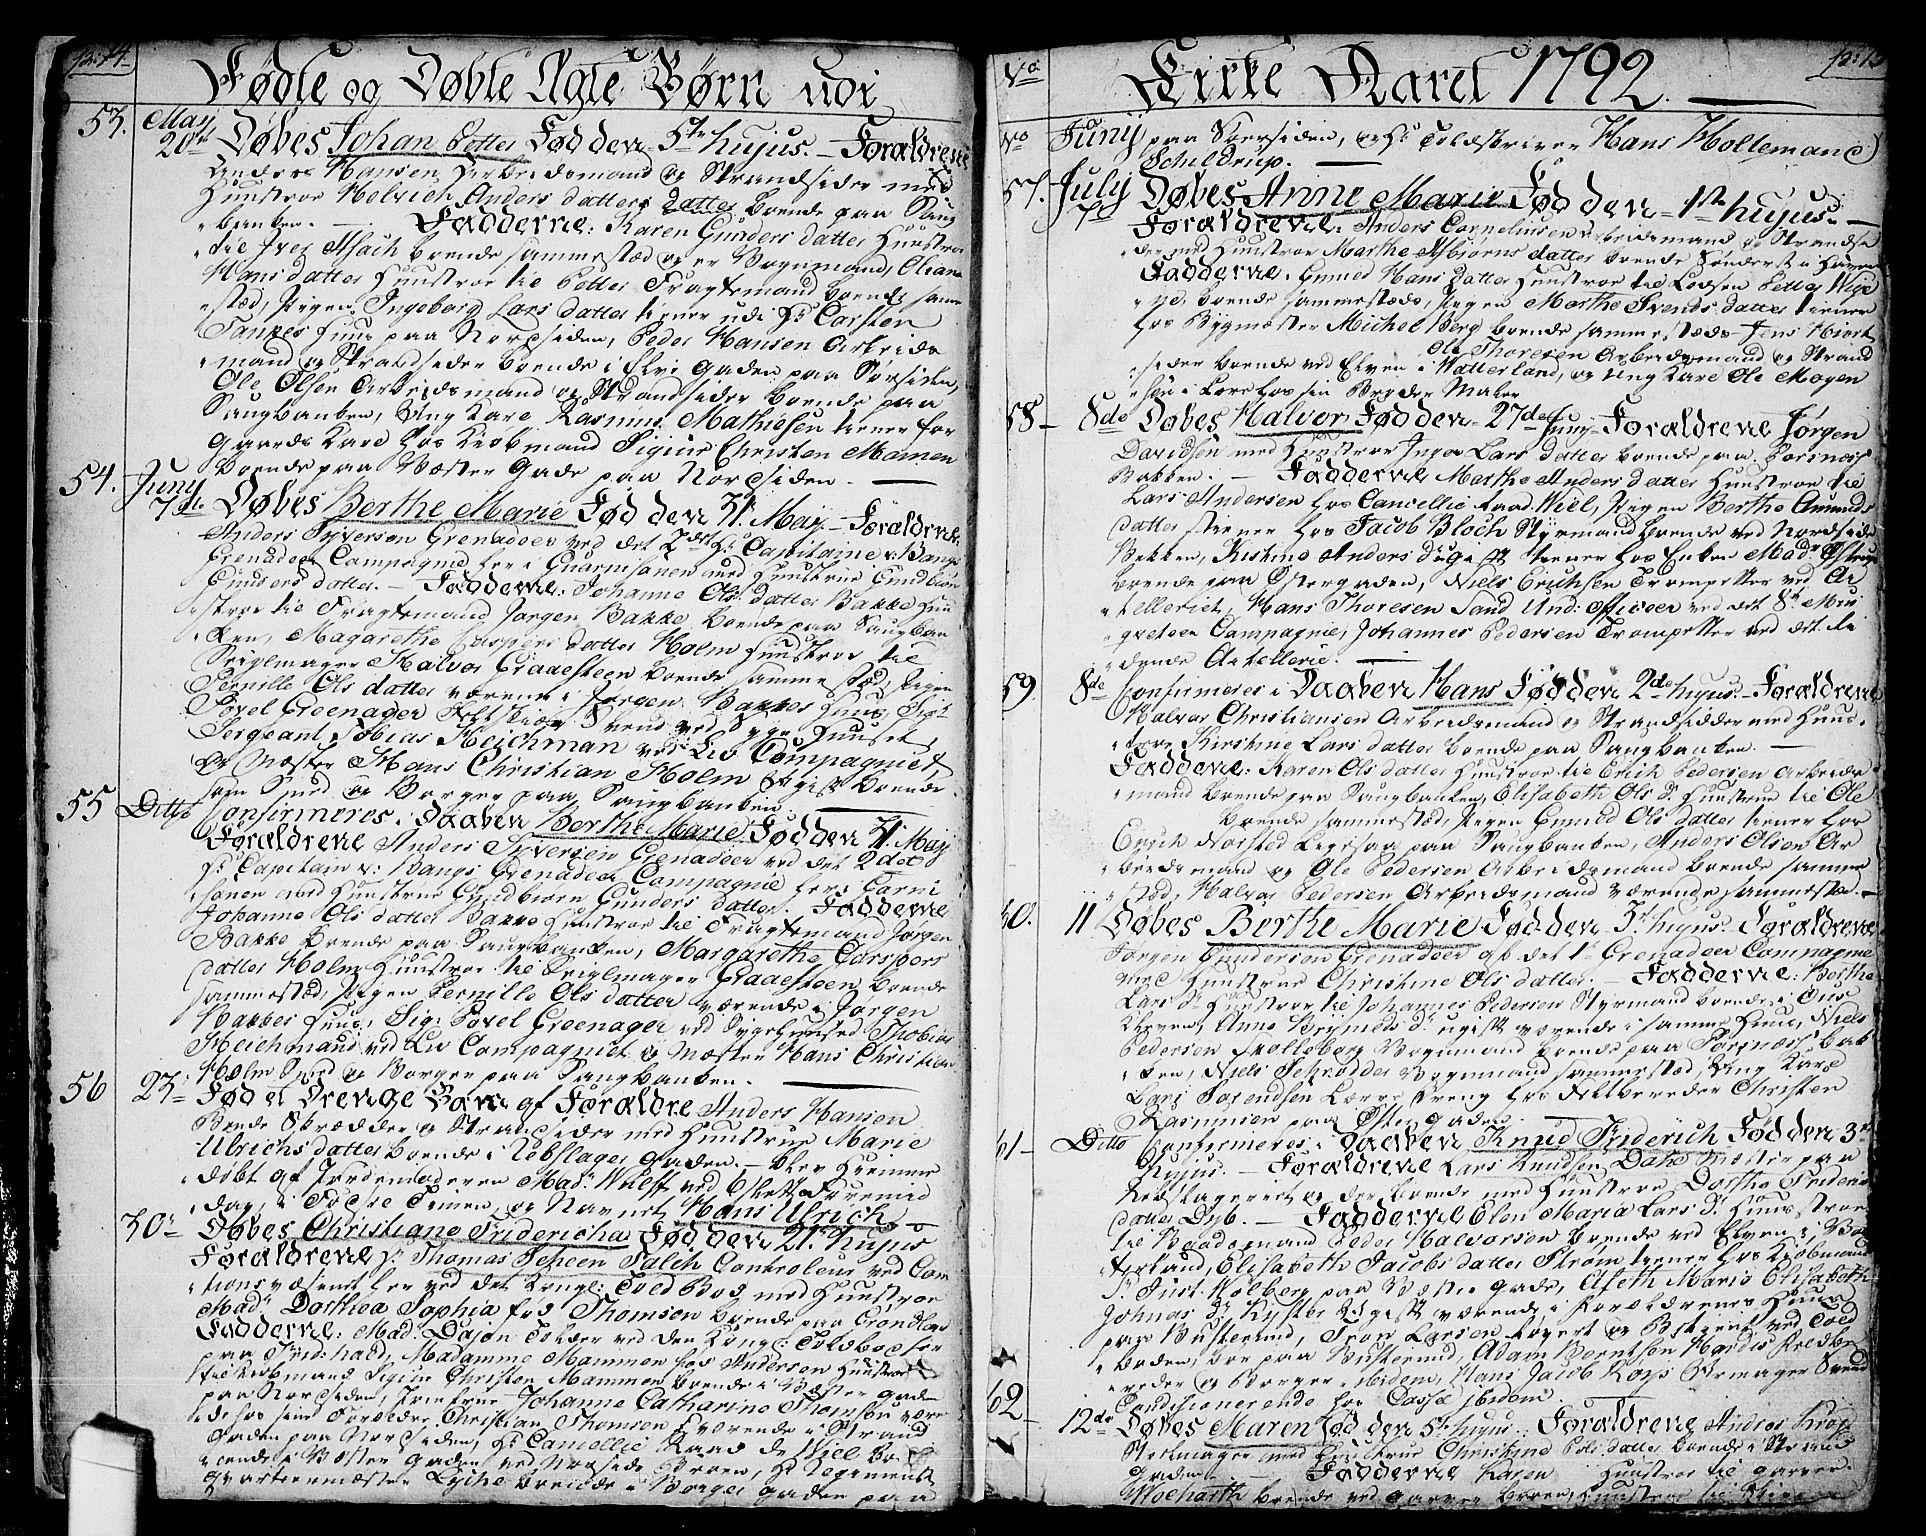 SAO, Halden prestekontor Kirkebøker, F/Fa/L0002: Ministerialbok nr. I 2, 1792-1812, s. 14-15